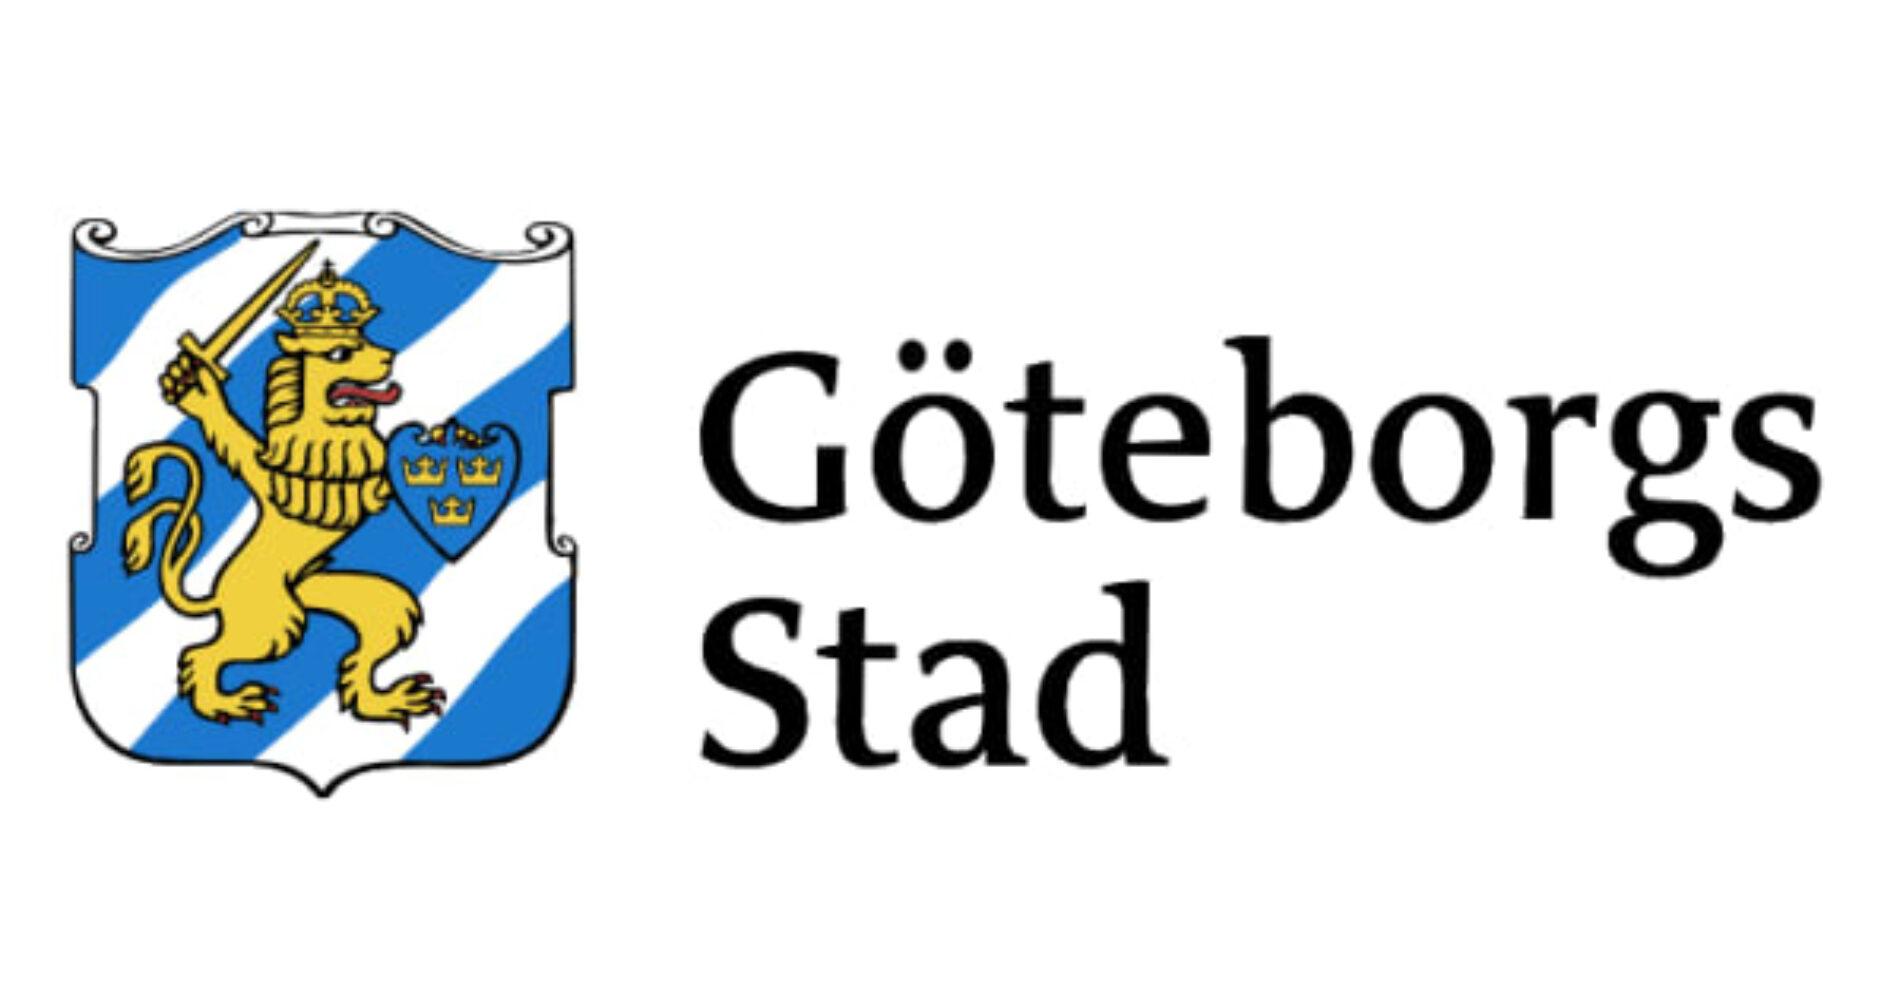 Samlad bedömning del 7. Kunskapscentrum mot organiserad brottslighet i Göteborg – ett säkerhetshot?